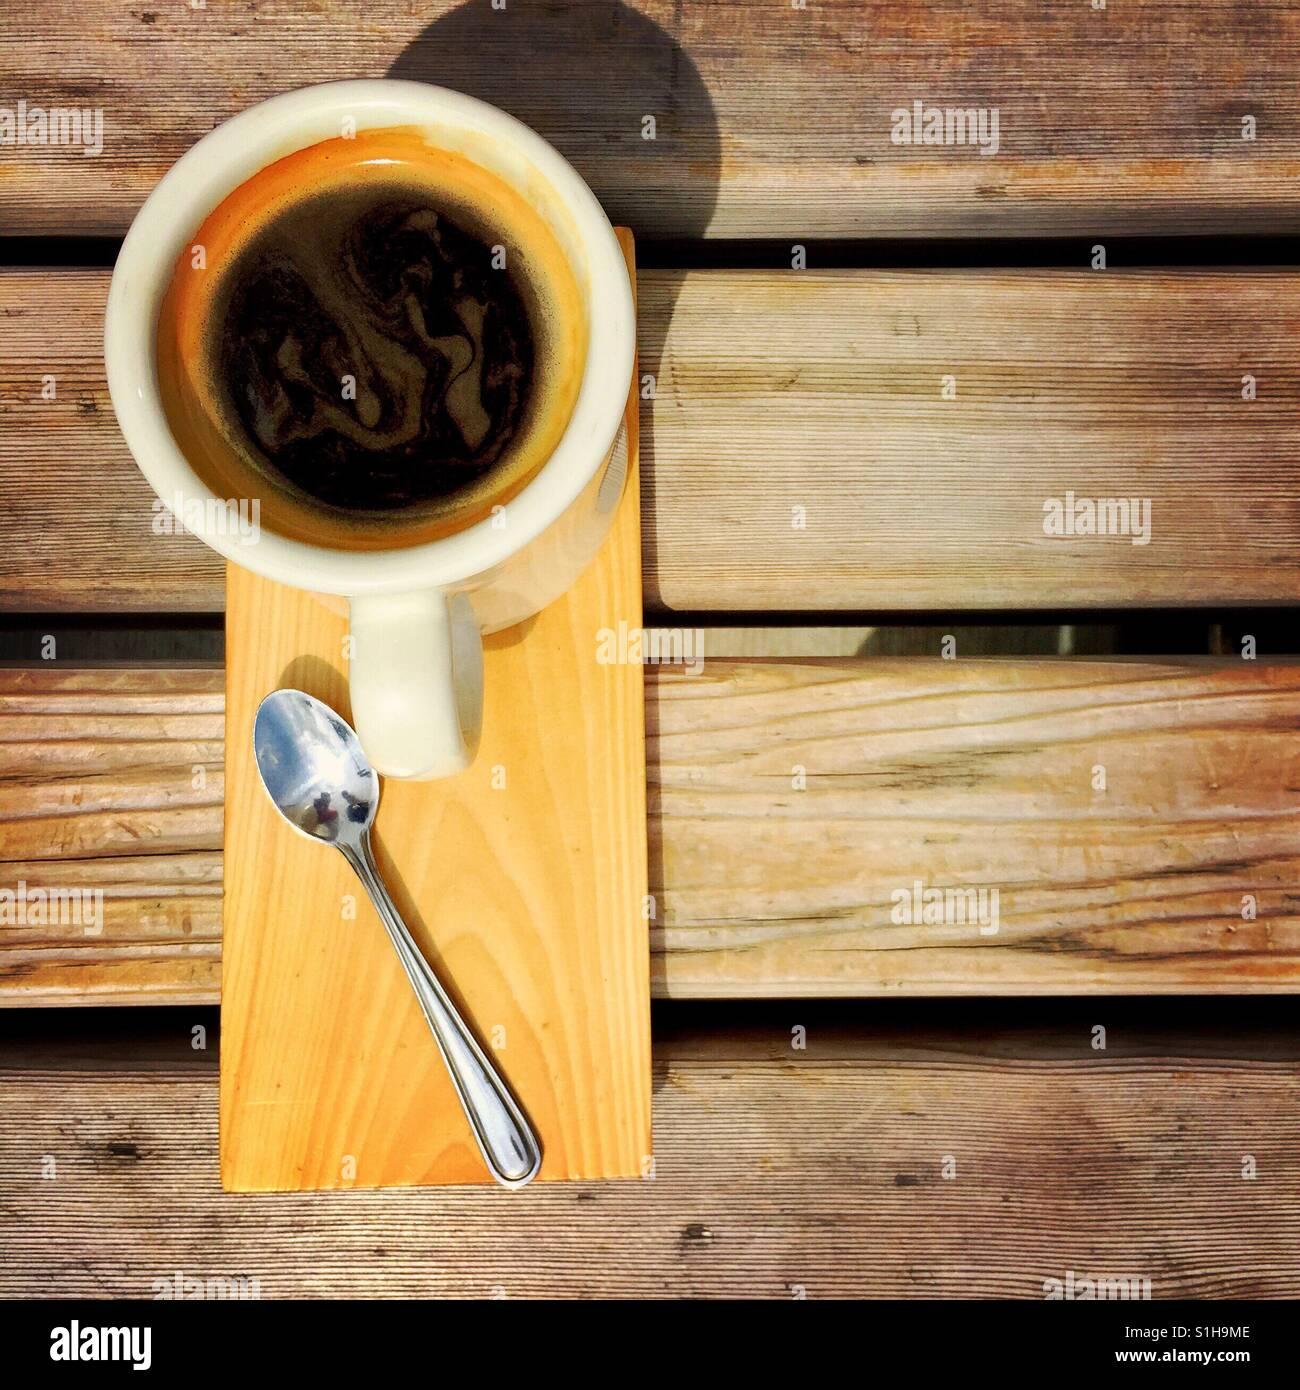 Un overhead shot di un americano e un cucchiaio in legno di un piatto di portata su una panca in legno Immagini Stock